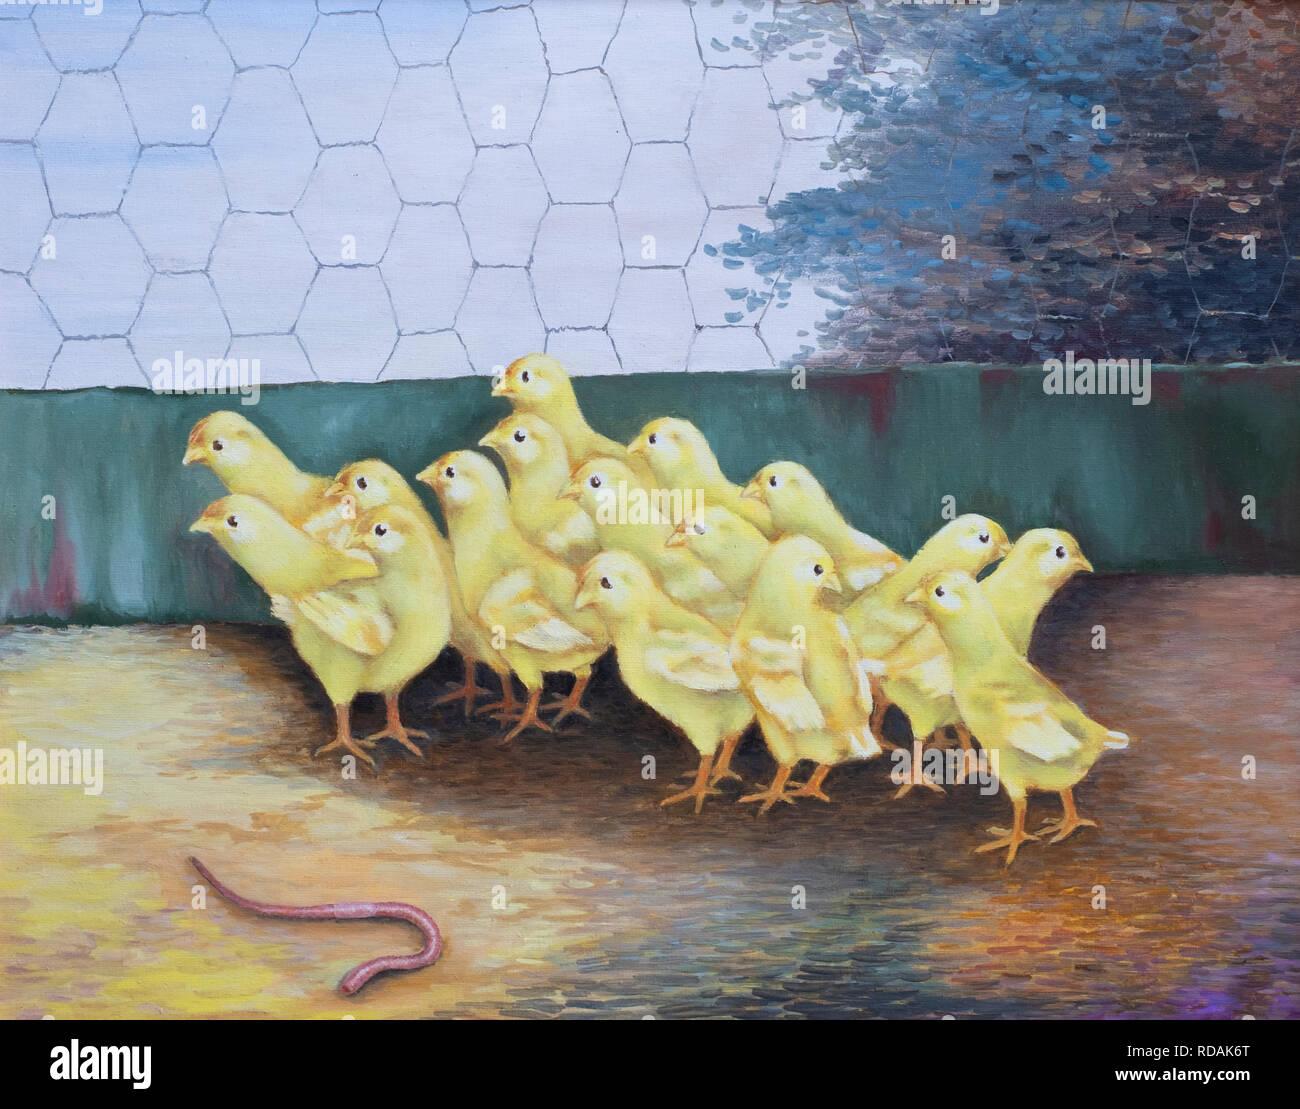 Pintura al óleo pintado a mano de pequeños pollitos amarillos en un gallinero que tienen miedo de una lombriz de tierra. Imagen De Stock